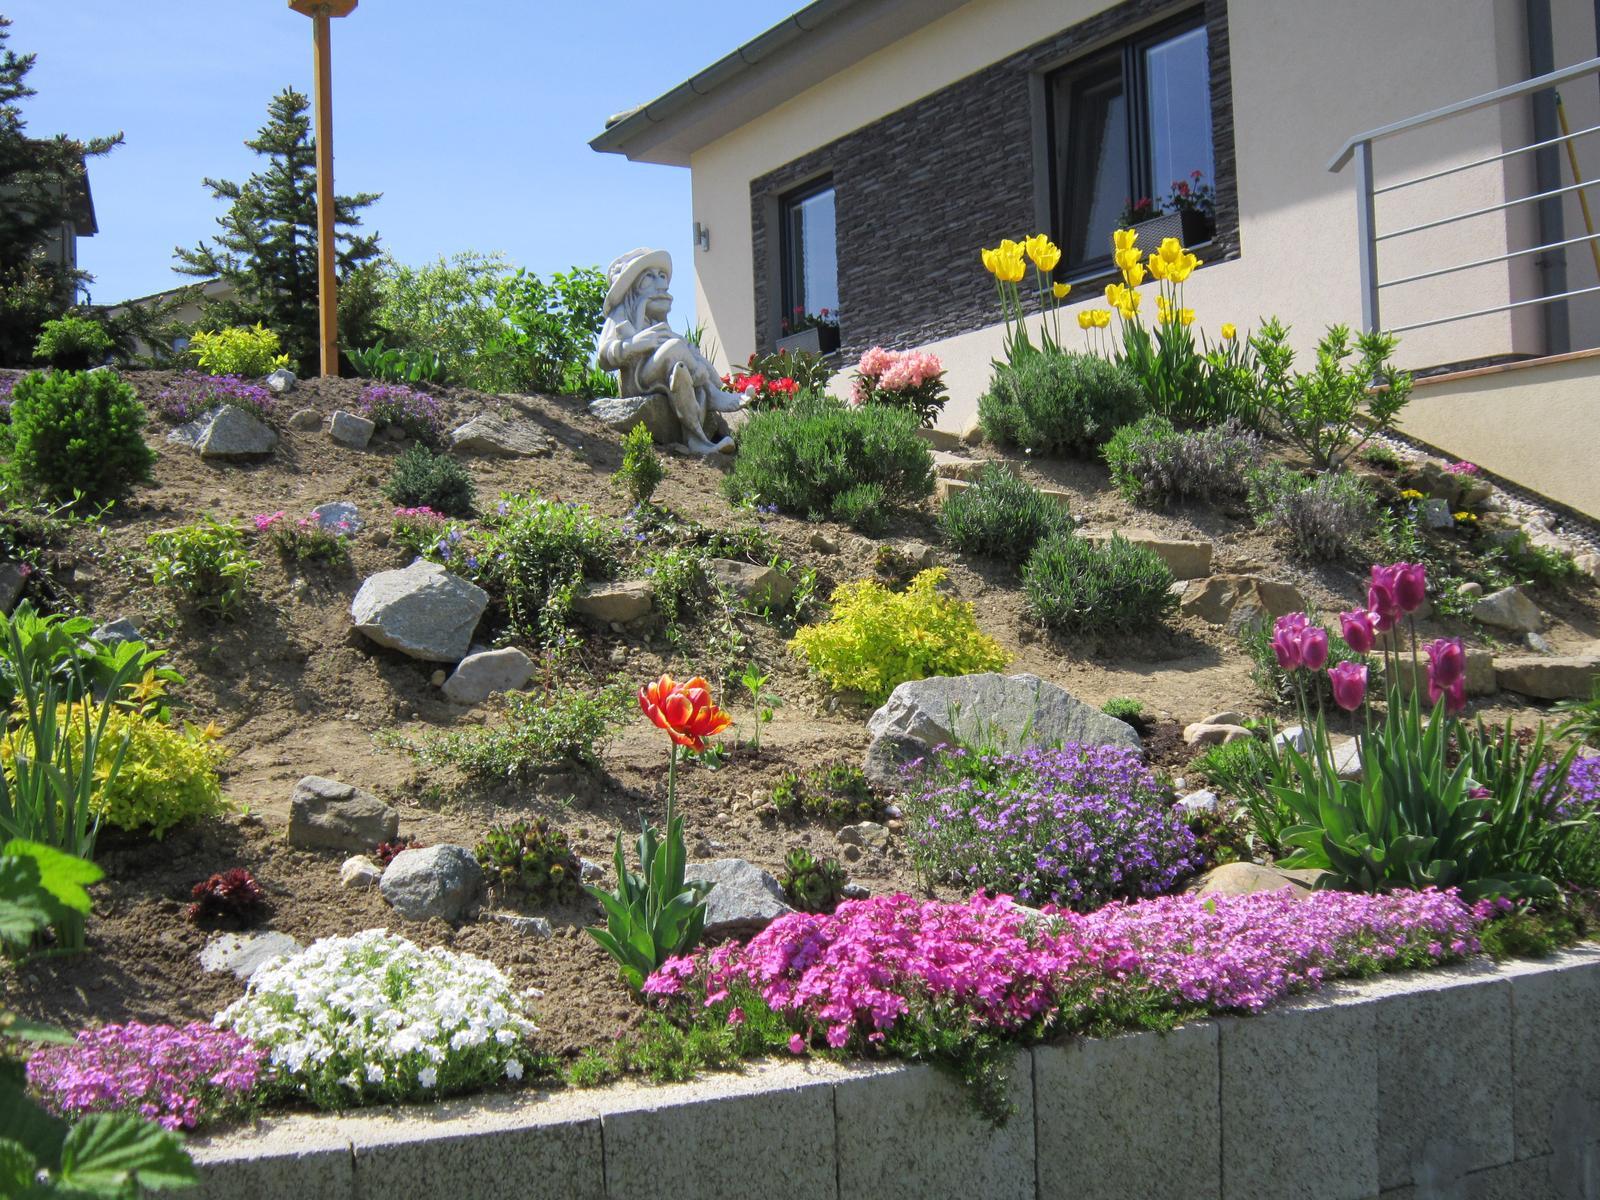 Moja záhrada...ako šiel čas - Takto to teraz kvitne u nás...